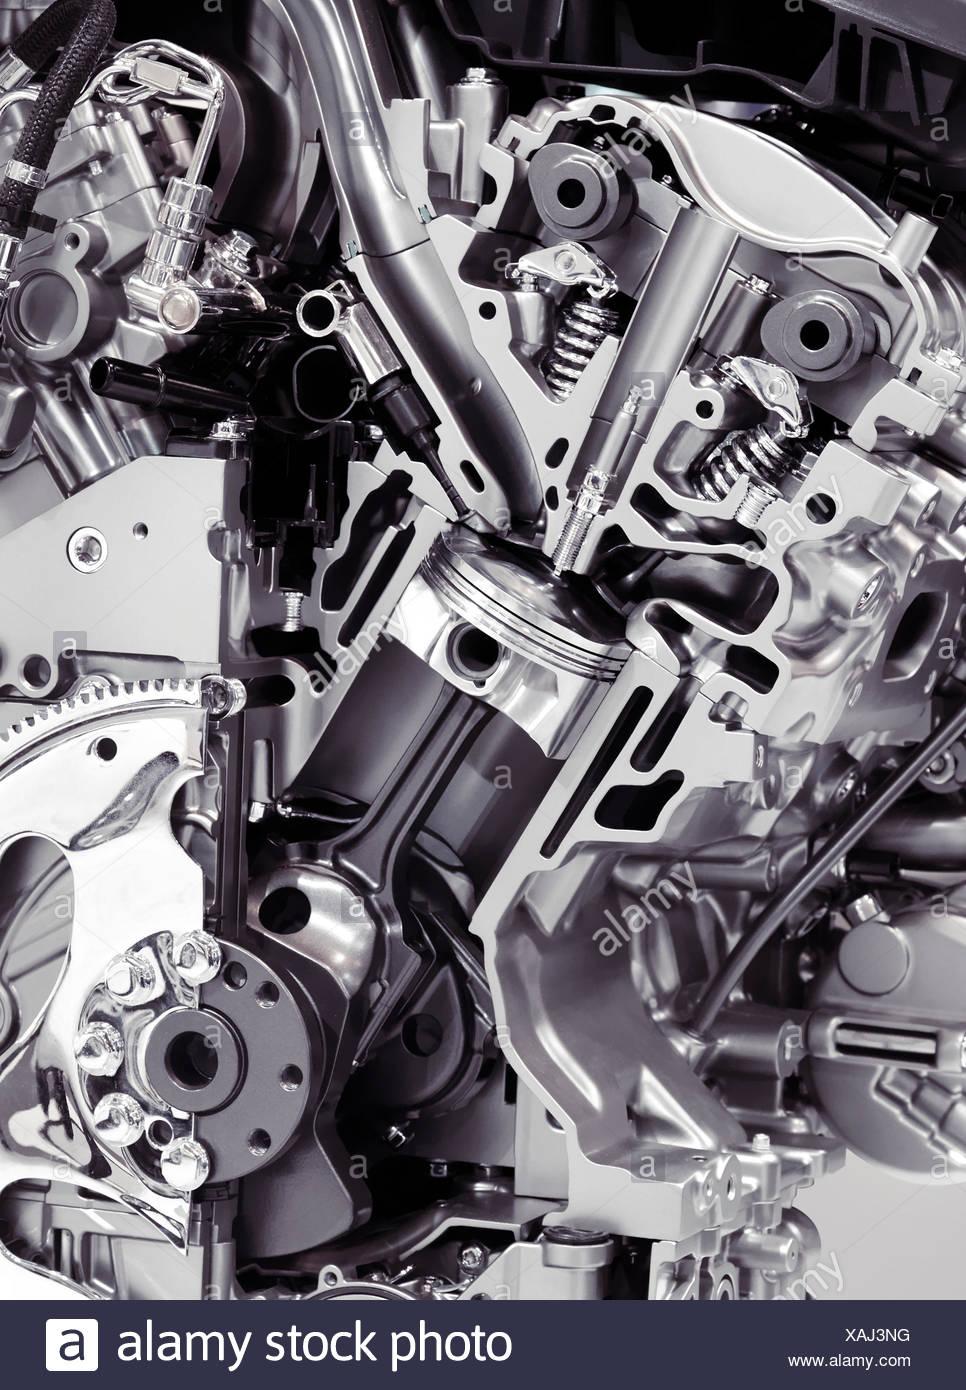 V6 Engine Stock Photos & V6 Engine Stock Images - Alamy